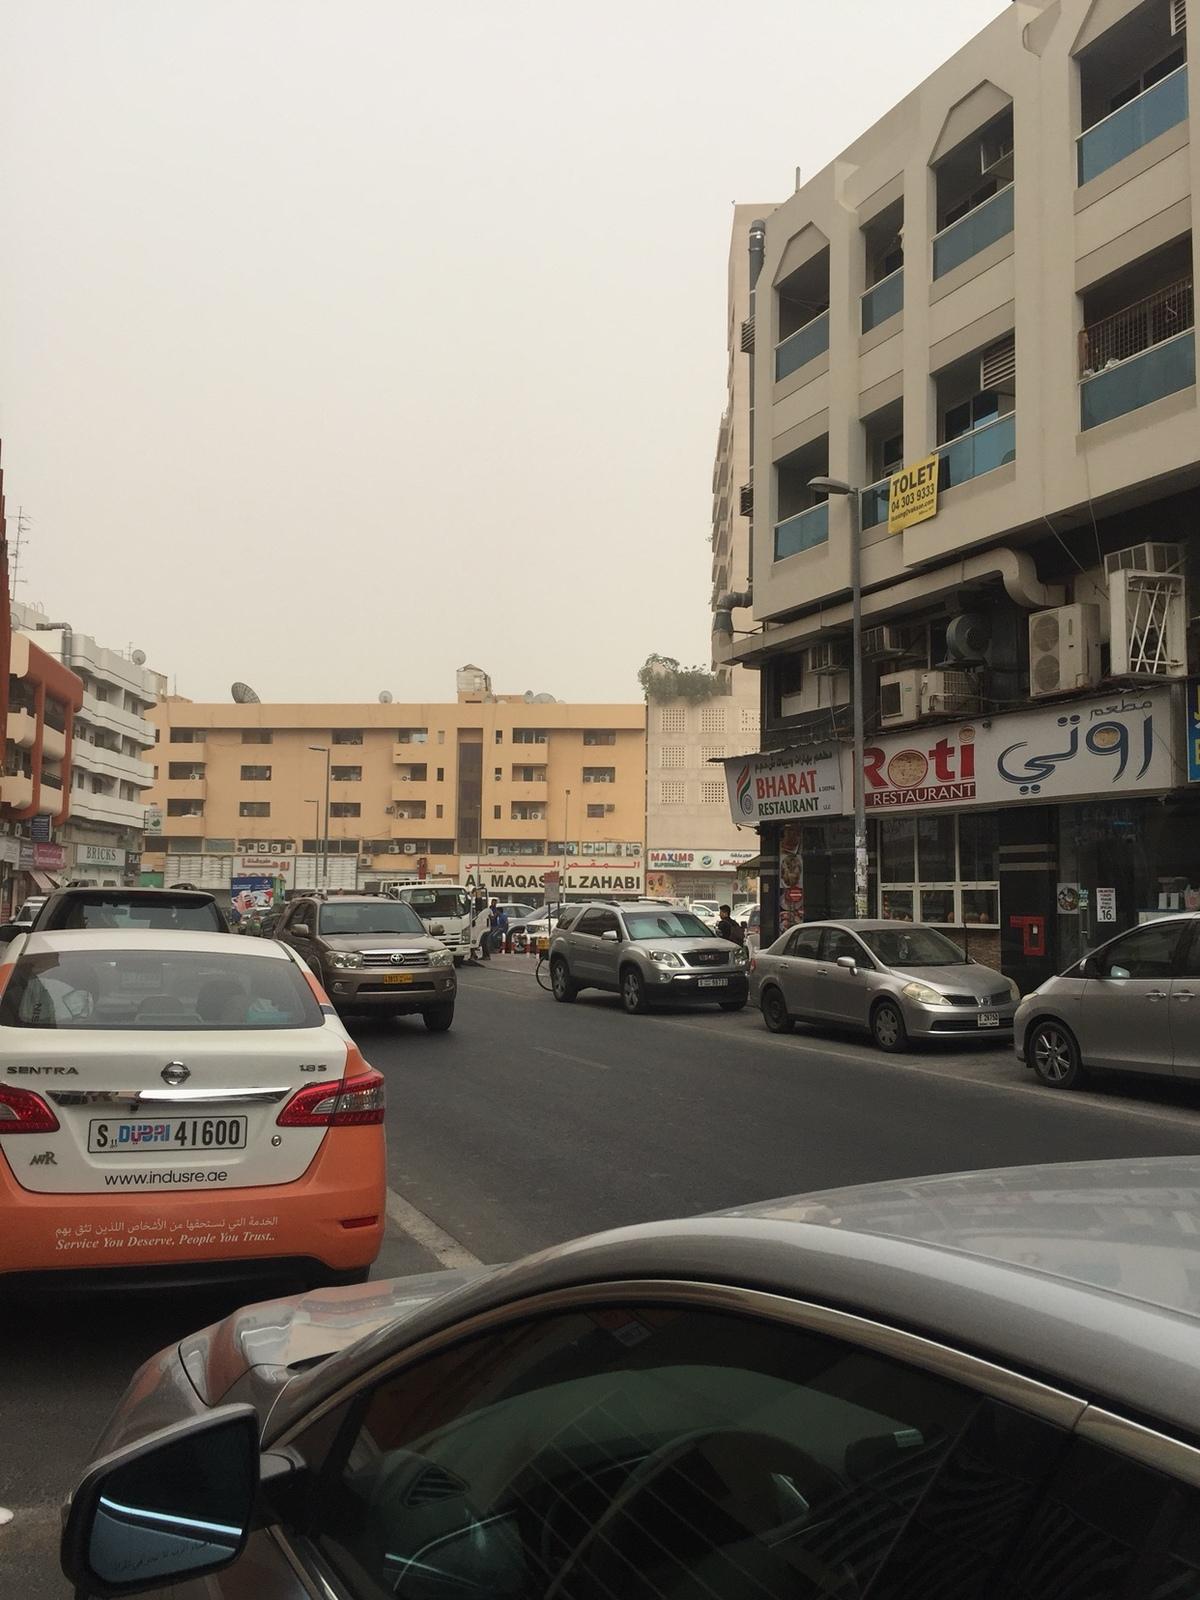 661567 المسافرون العرب دبي مدينة الجميرا